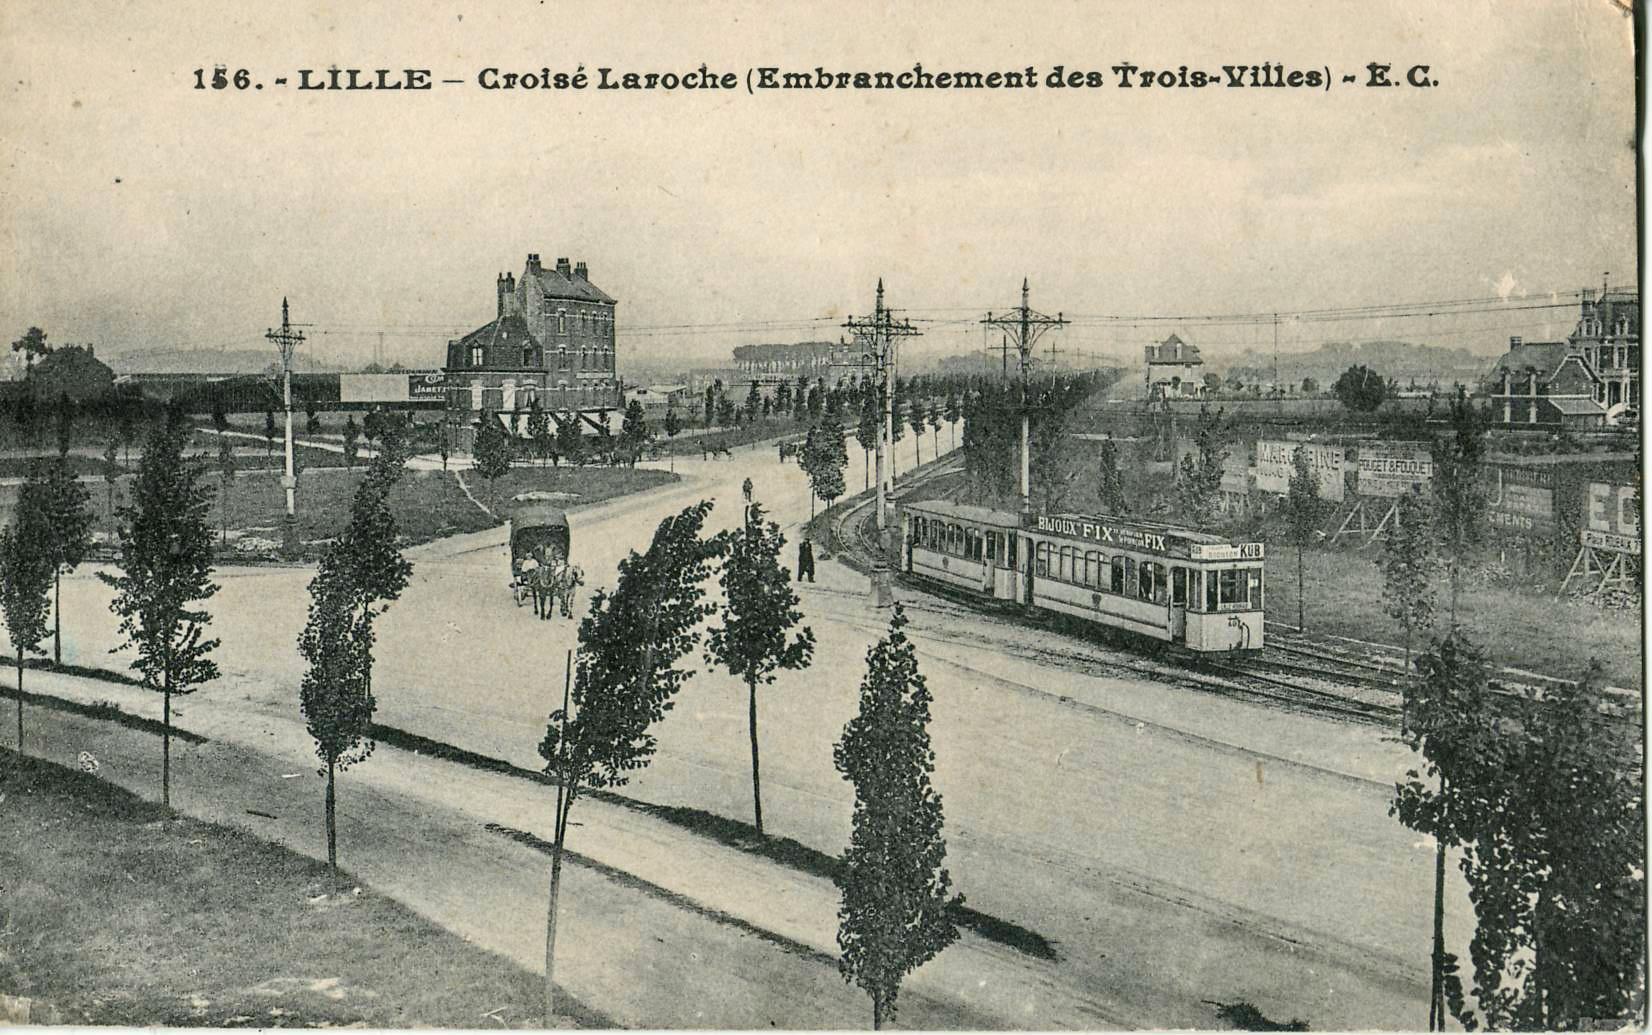 EC_156_-_LILLE_-_Croisé_Laroche_%28Embranchement_des_Trois-Villes%29.JPG